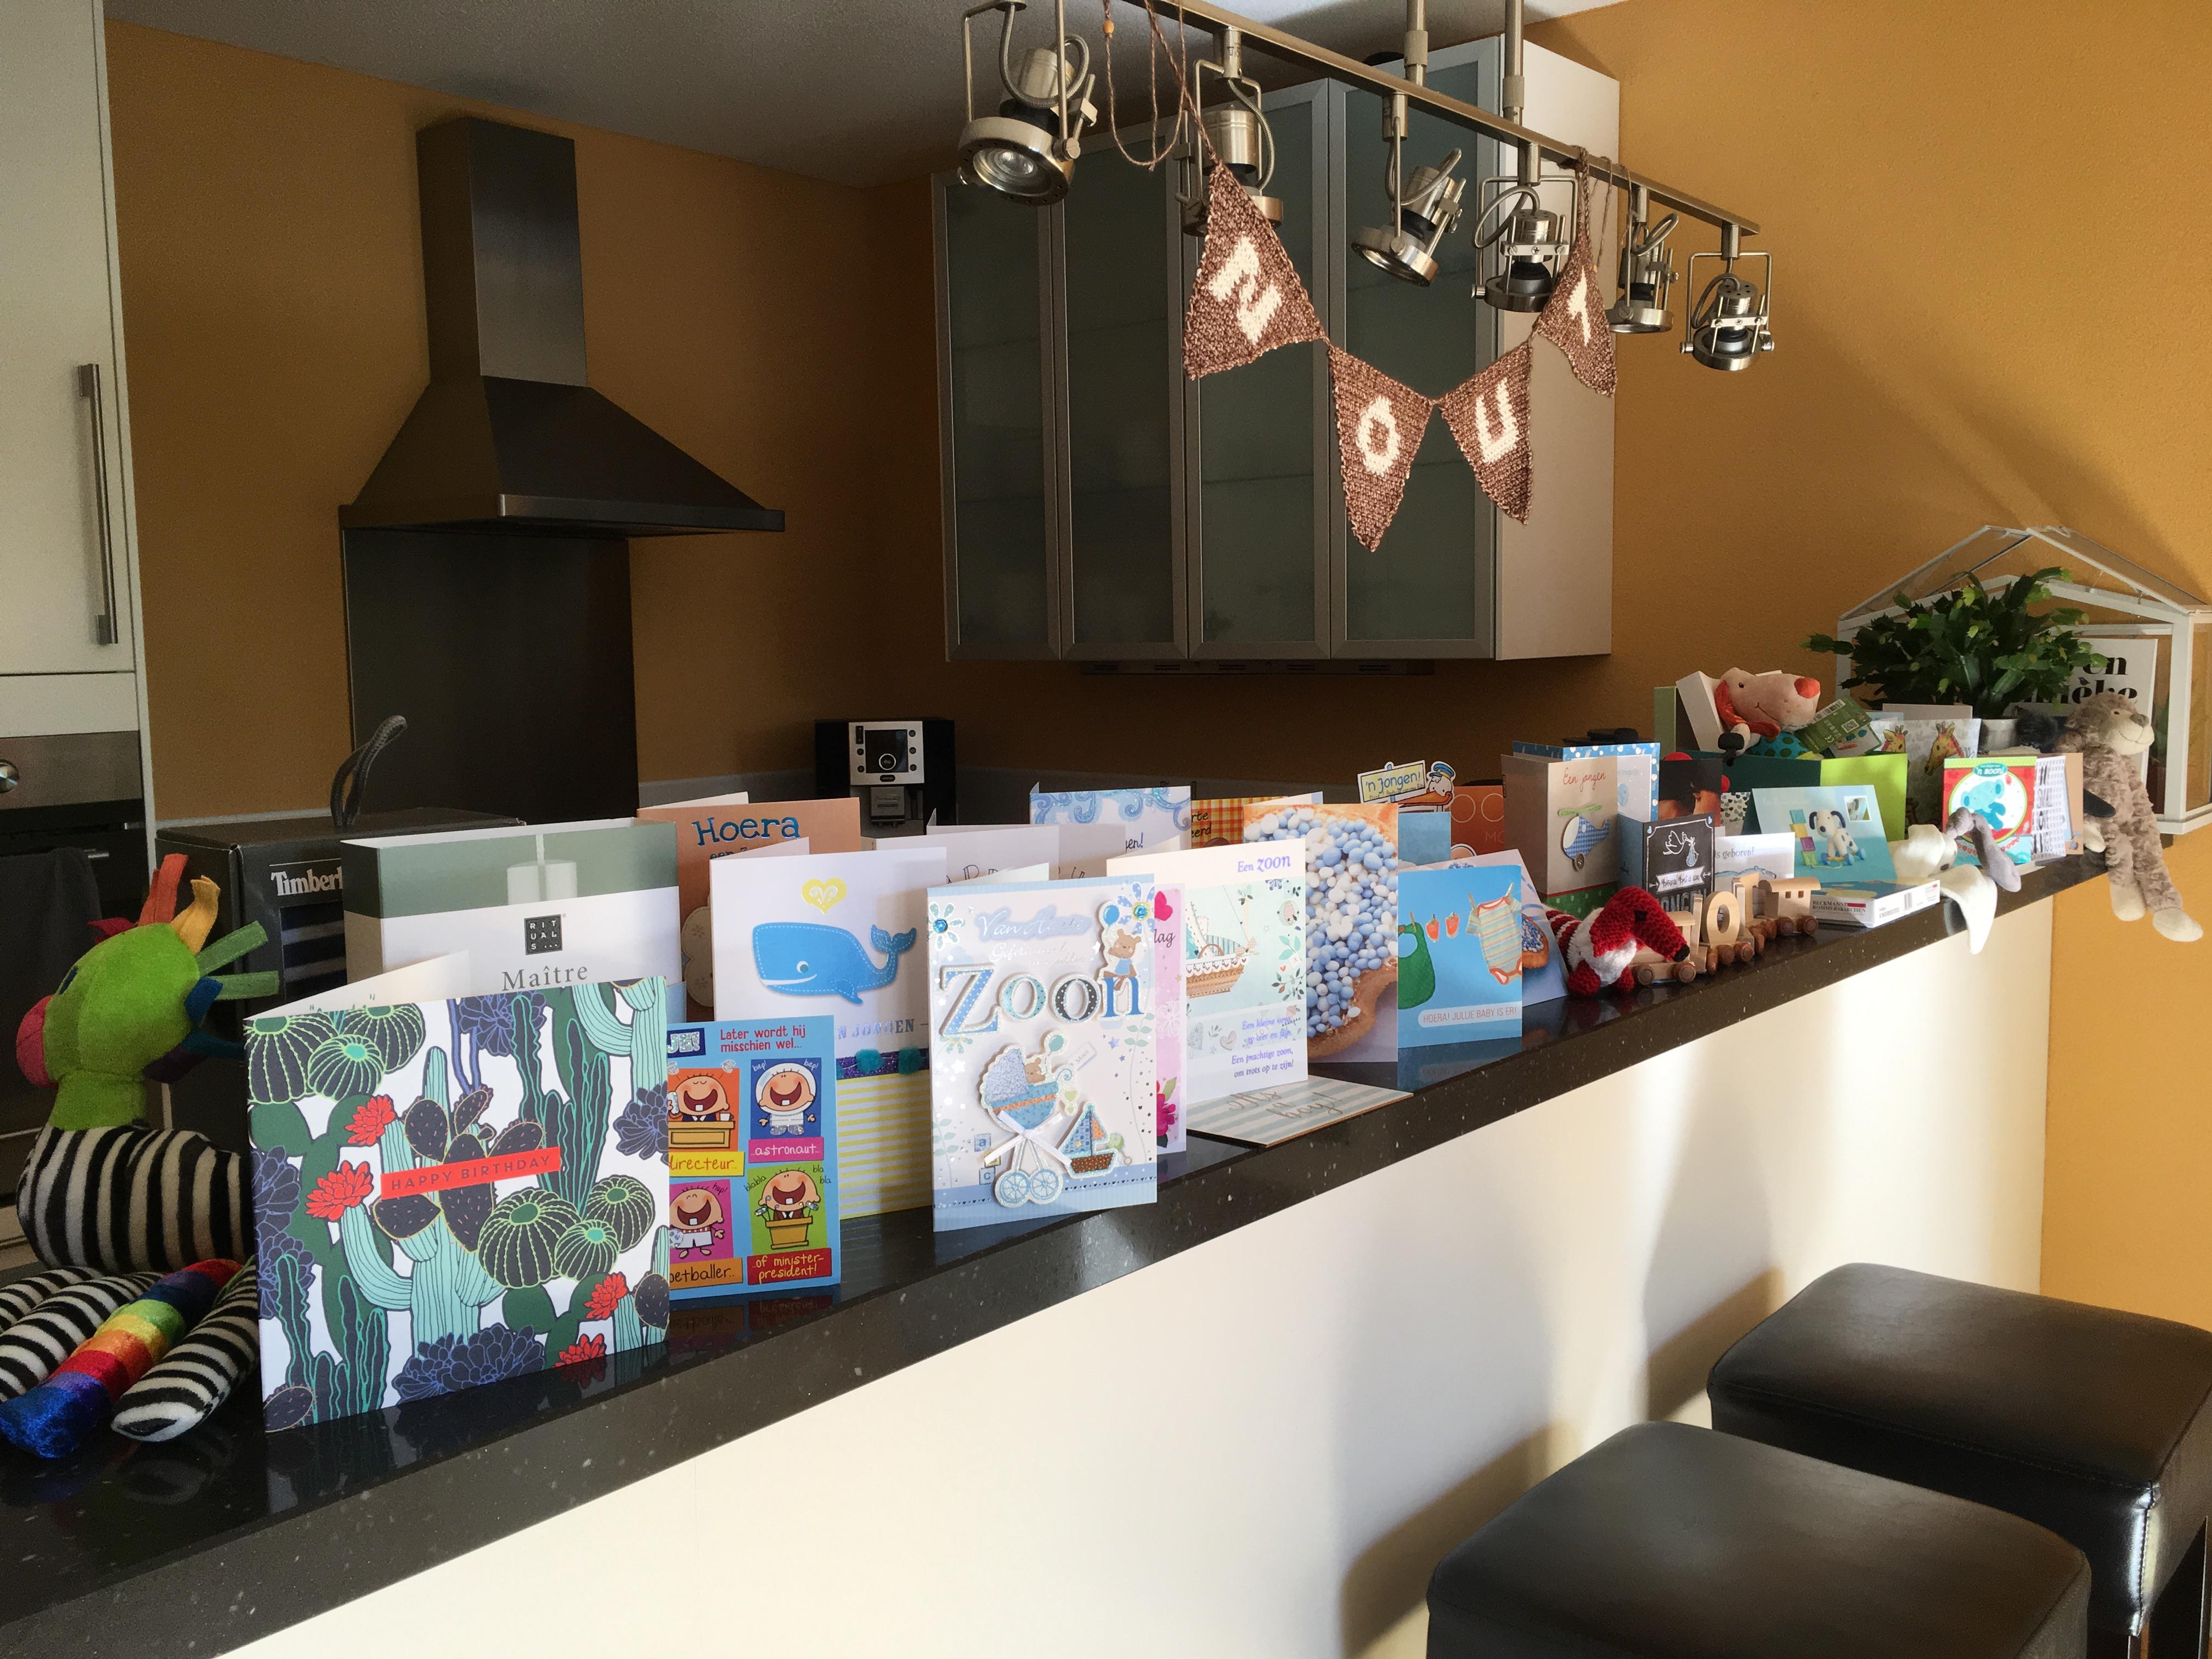 Dankbaar voor alle kaartjes en cadeautjes die we hebben gekregen.